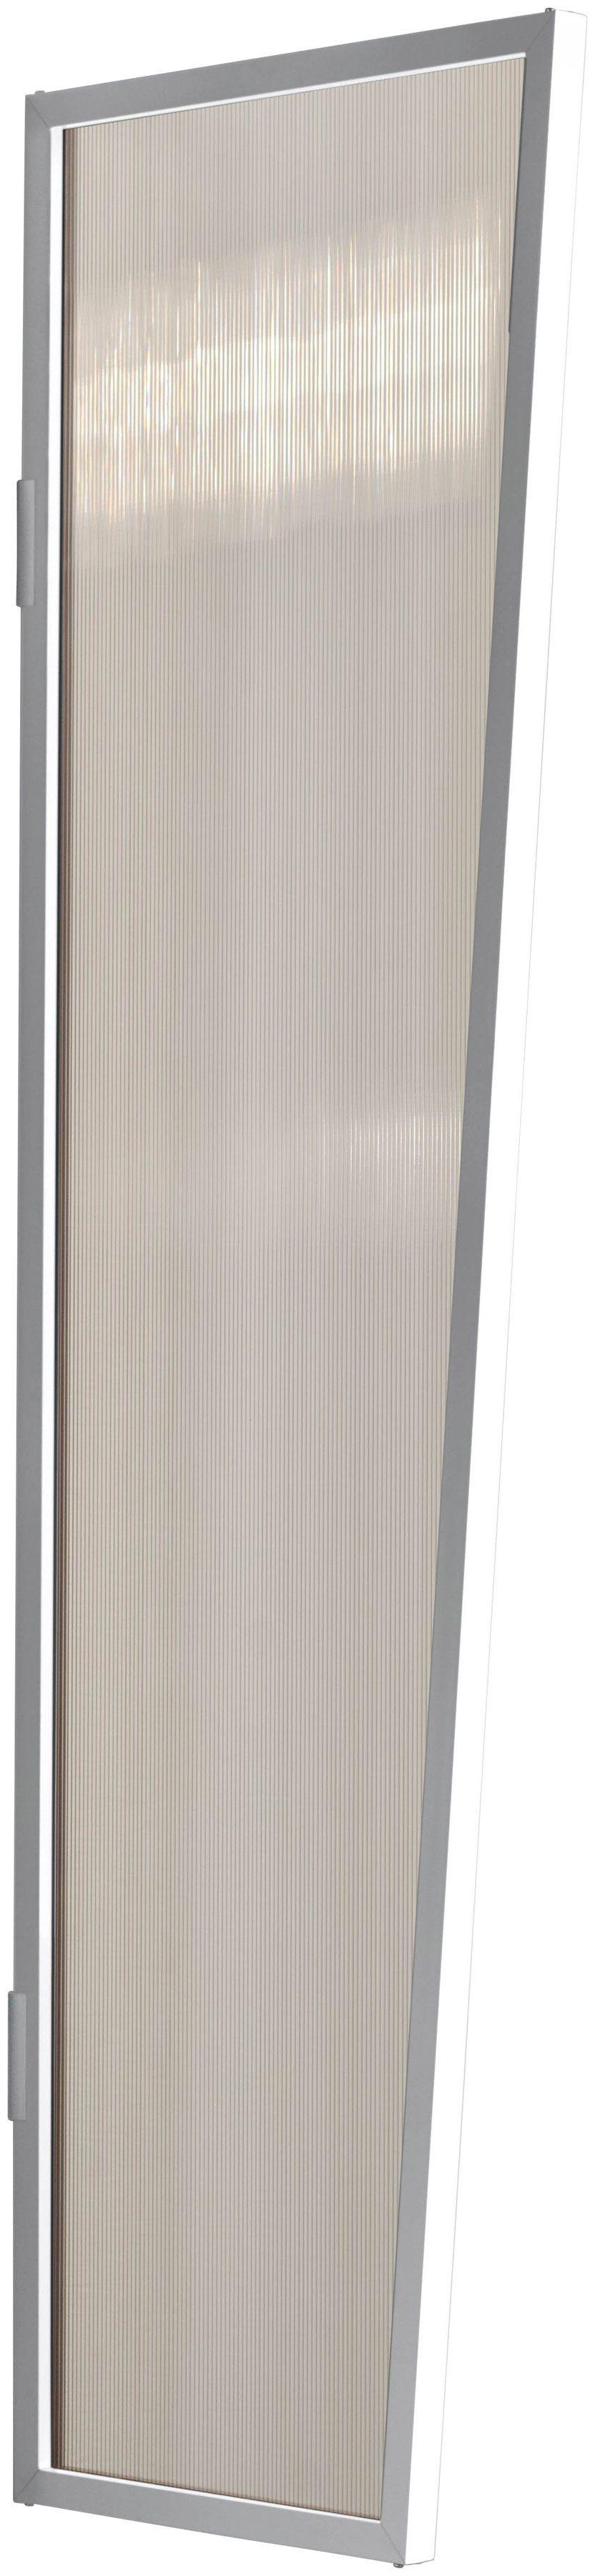 Seitenblende »B1 PC bronce«, BxH: 60x200 cm, weiß/braun